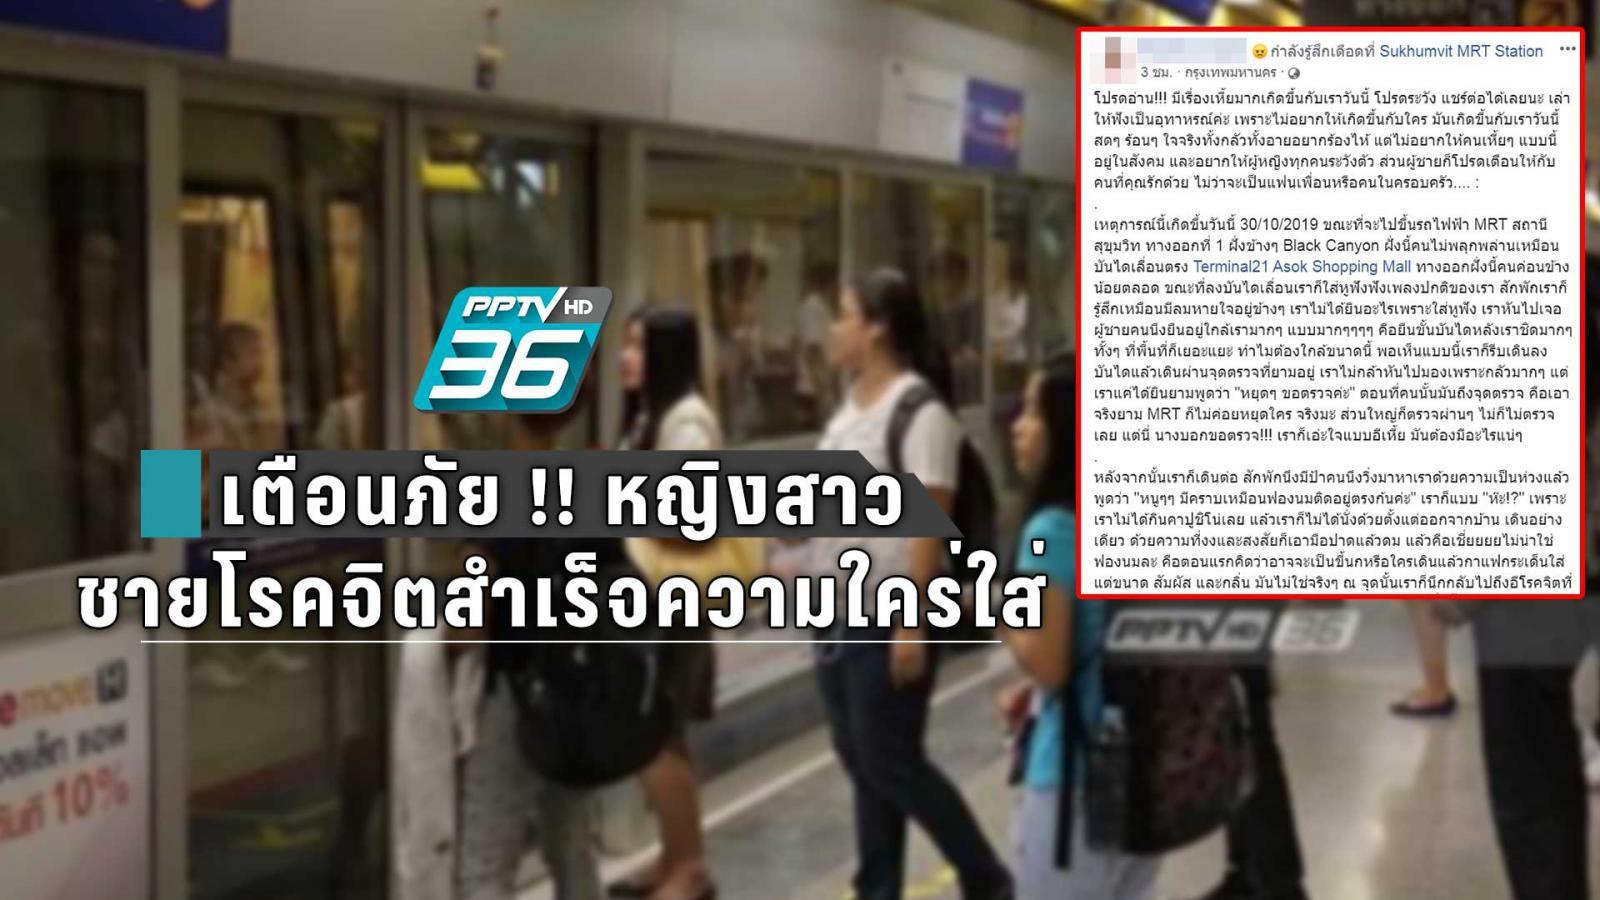 เตือนภัย !! หญิงสาว ถูก ชายโรคจิตสำเร็จความใคร่ใส่ ขณะใช้บริการรถไฟฟ้าใต้ดิน